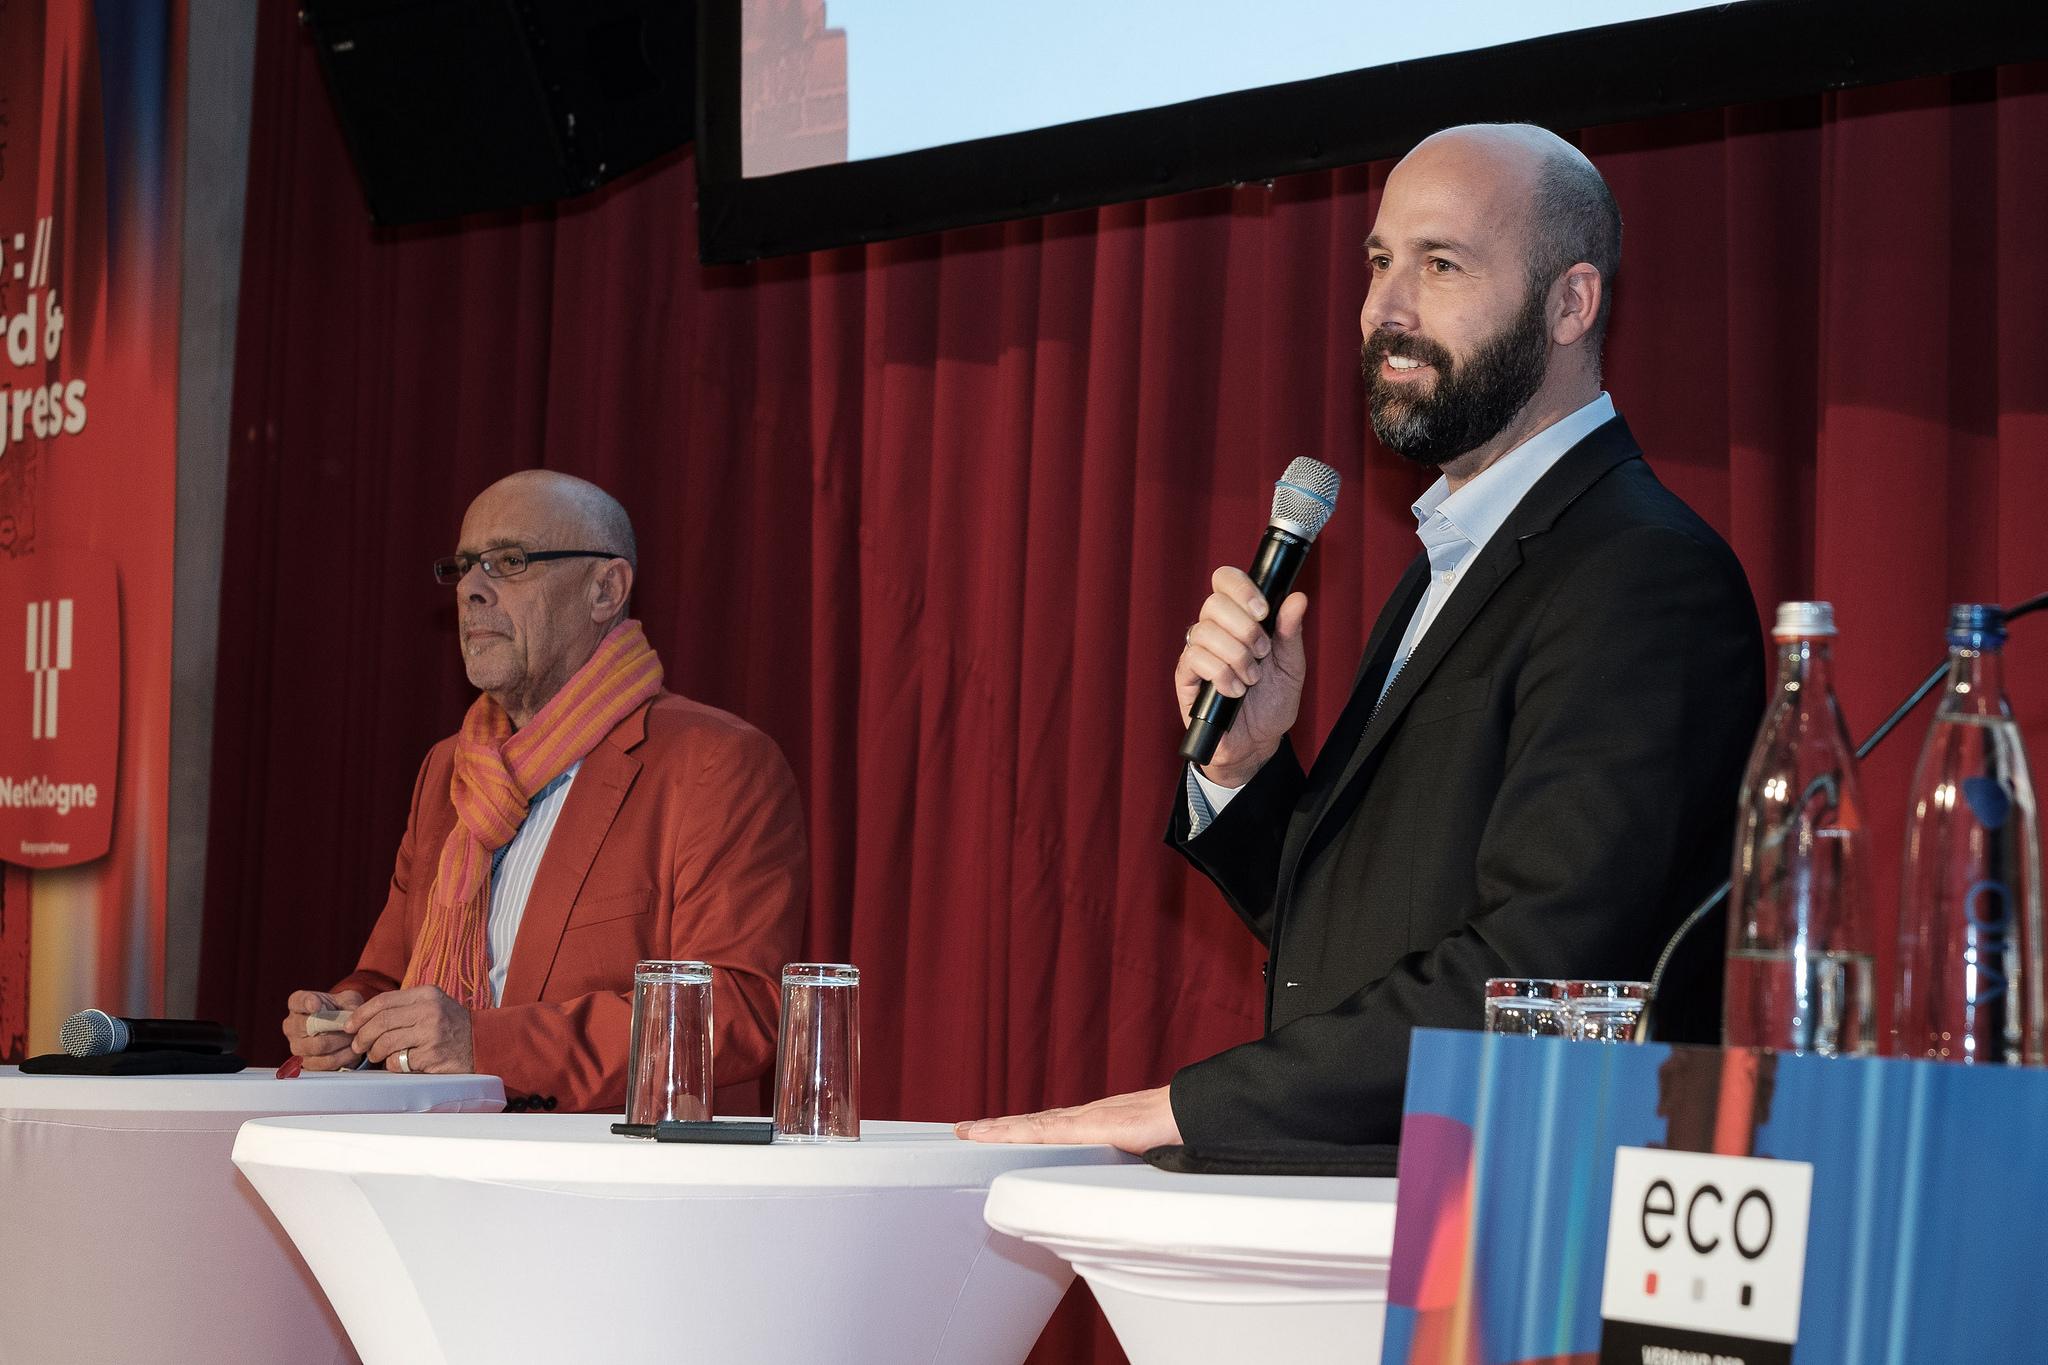 eco://kongress & eco:awards: Gemeinsam die digitale Zukunft gestalten 1